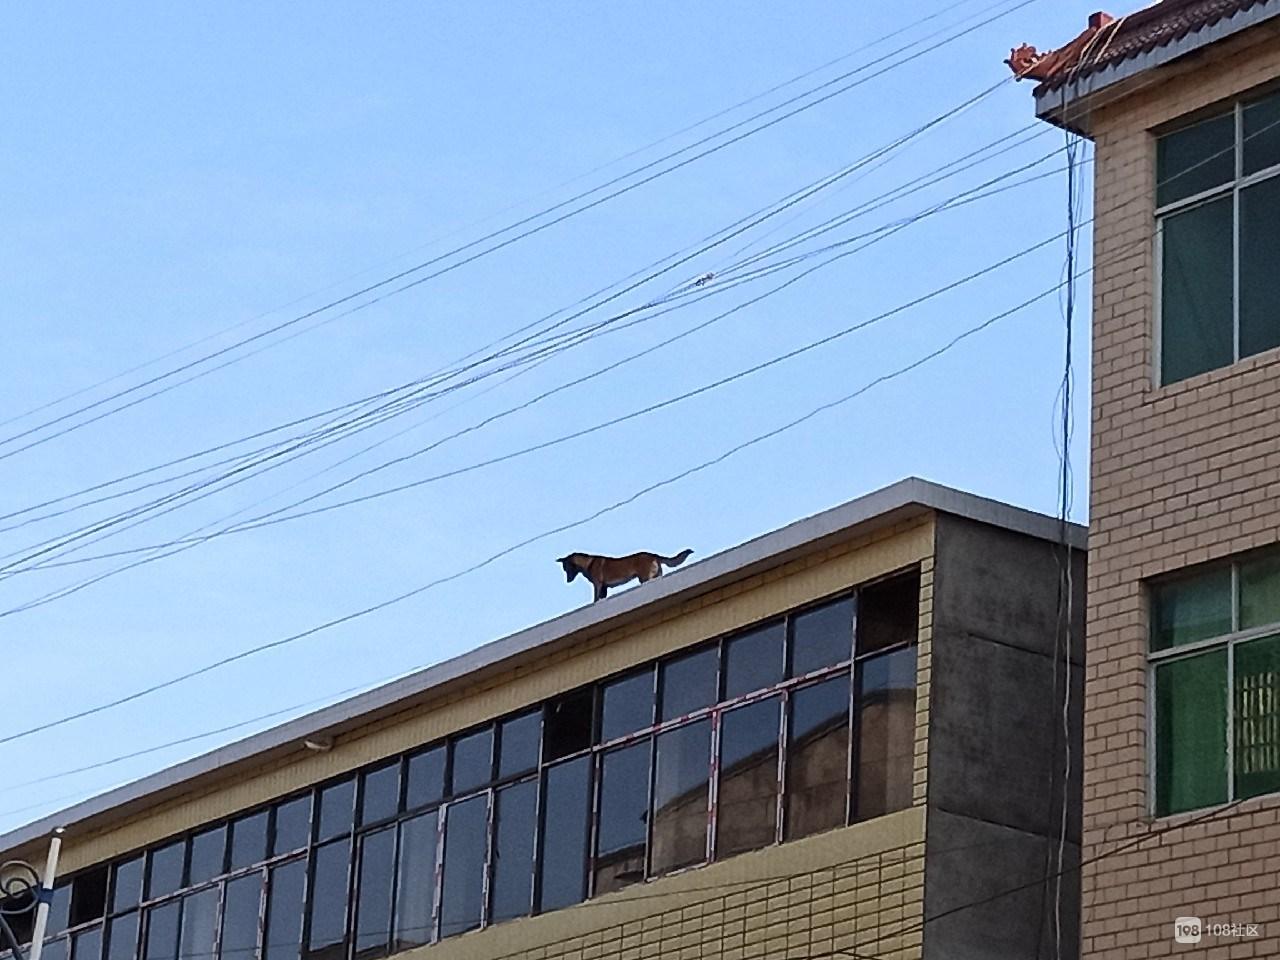 要破财还是好运来?镇巴佬看到只狗上了房顶 还对视了几秒